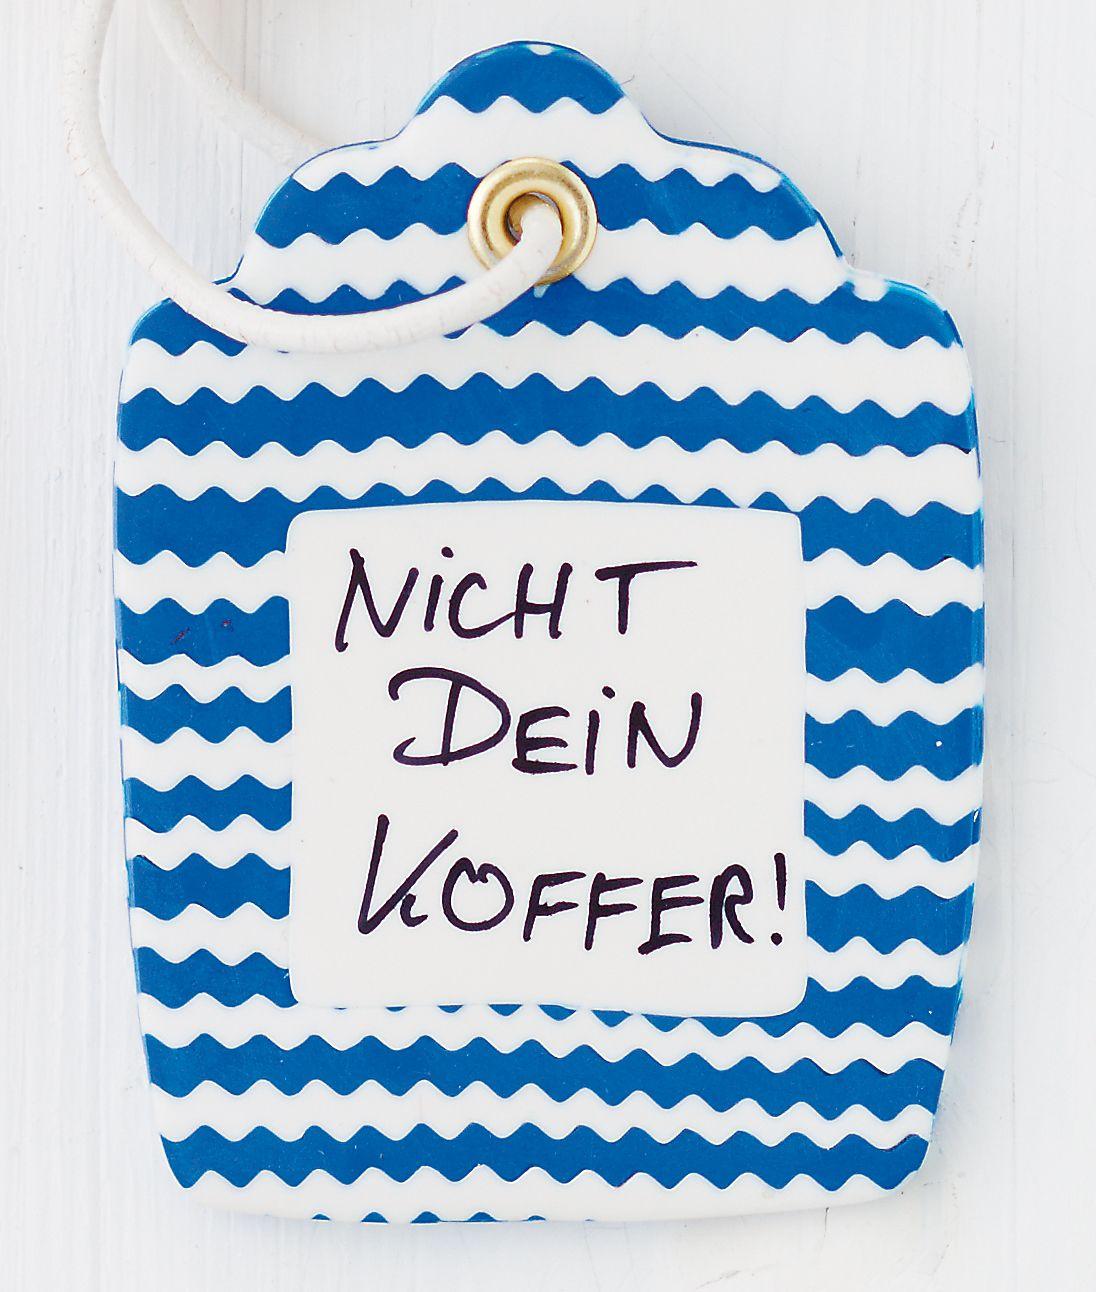 Ausgezeichnet Vogeltranke Stein Fotos - Heimat Ideen ...